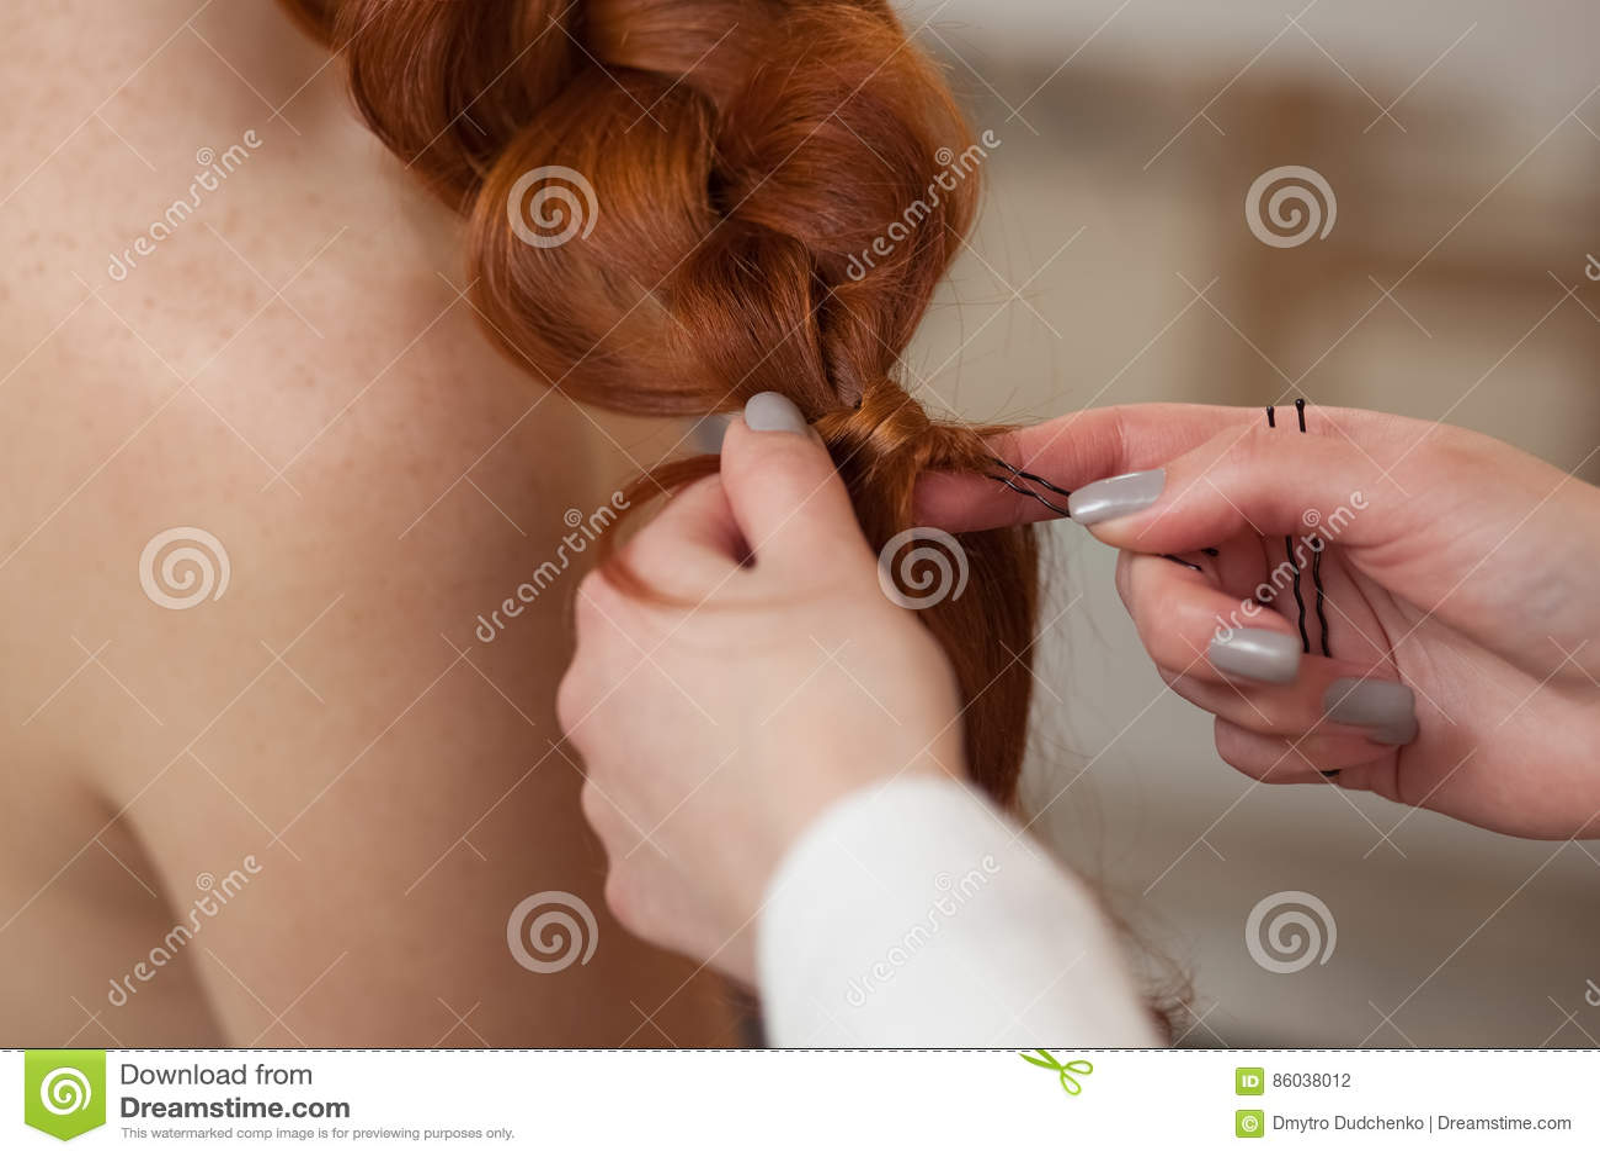 La belle, rousse fille avec de longs cheveux, coiffeuse tisse une tresse française, dans un salon de beauté